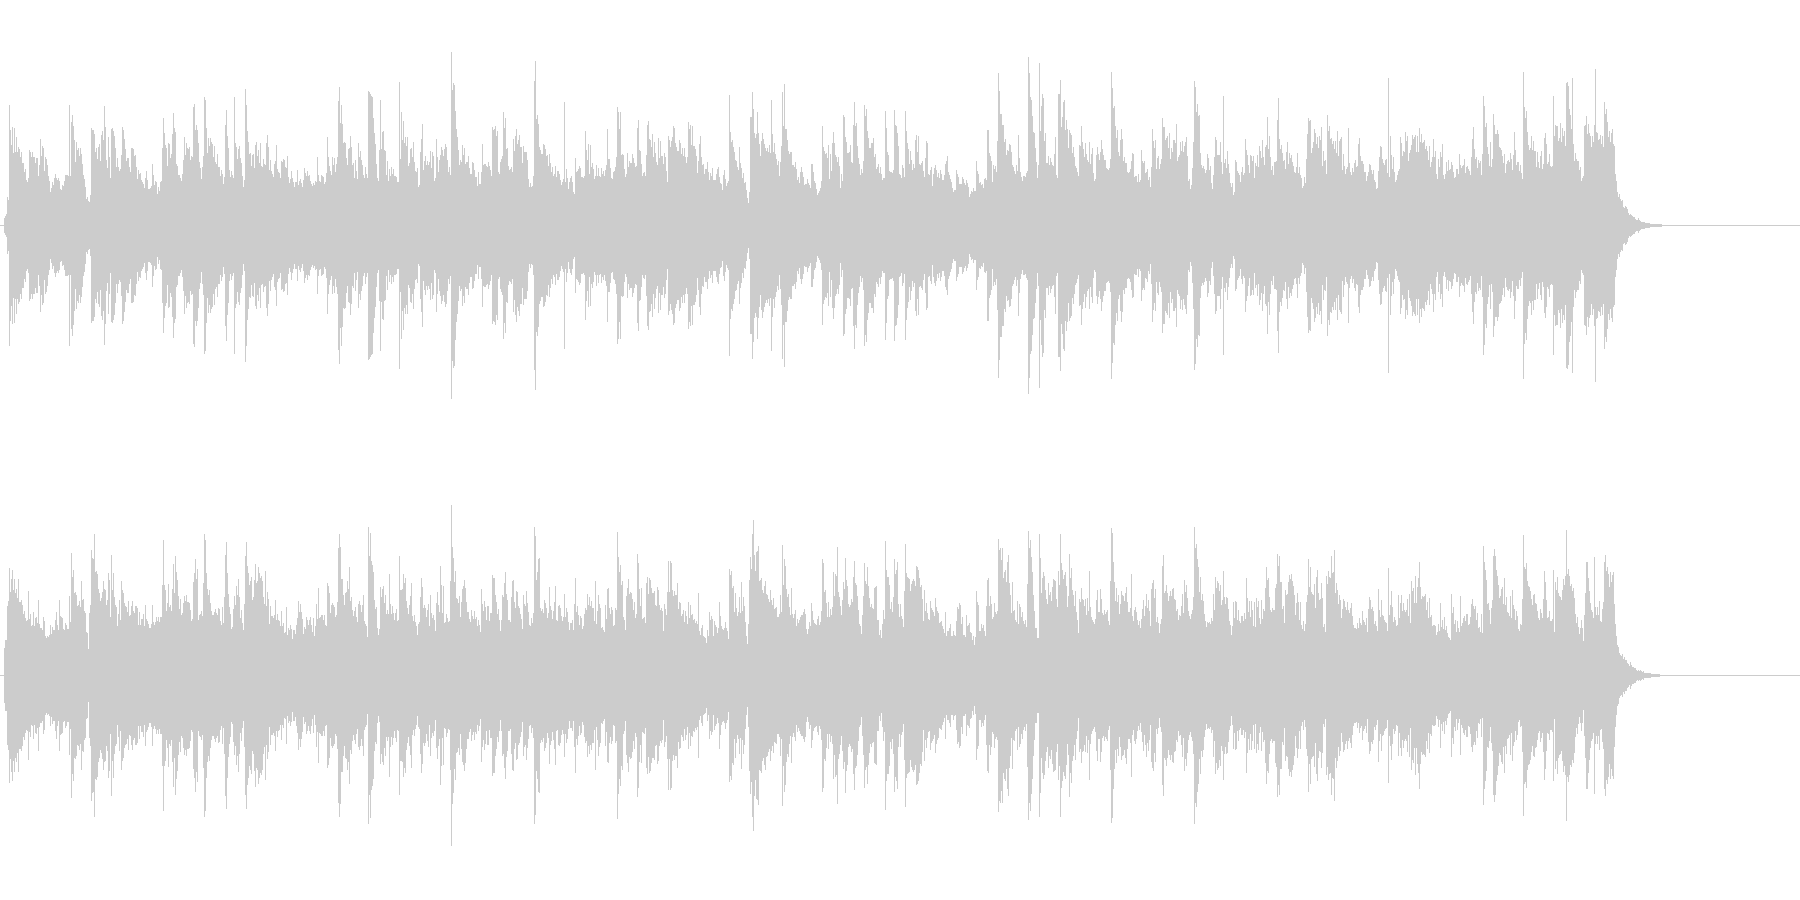 ギター・ポップ・バラード(ラブソング風)の未再生の波形